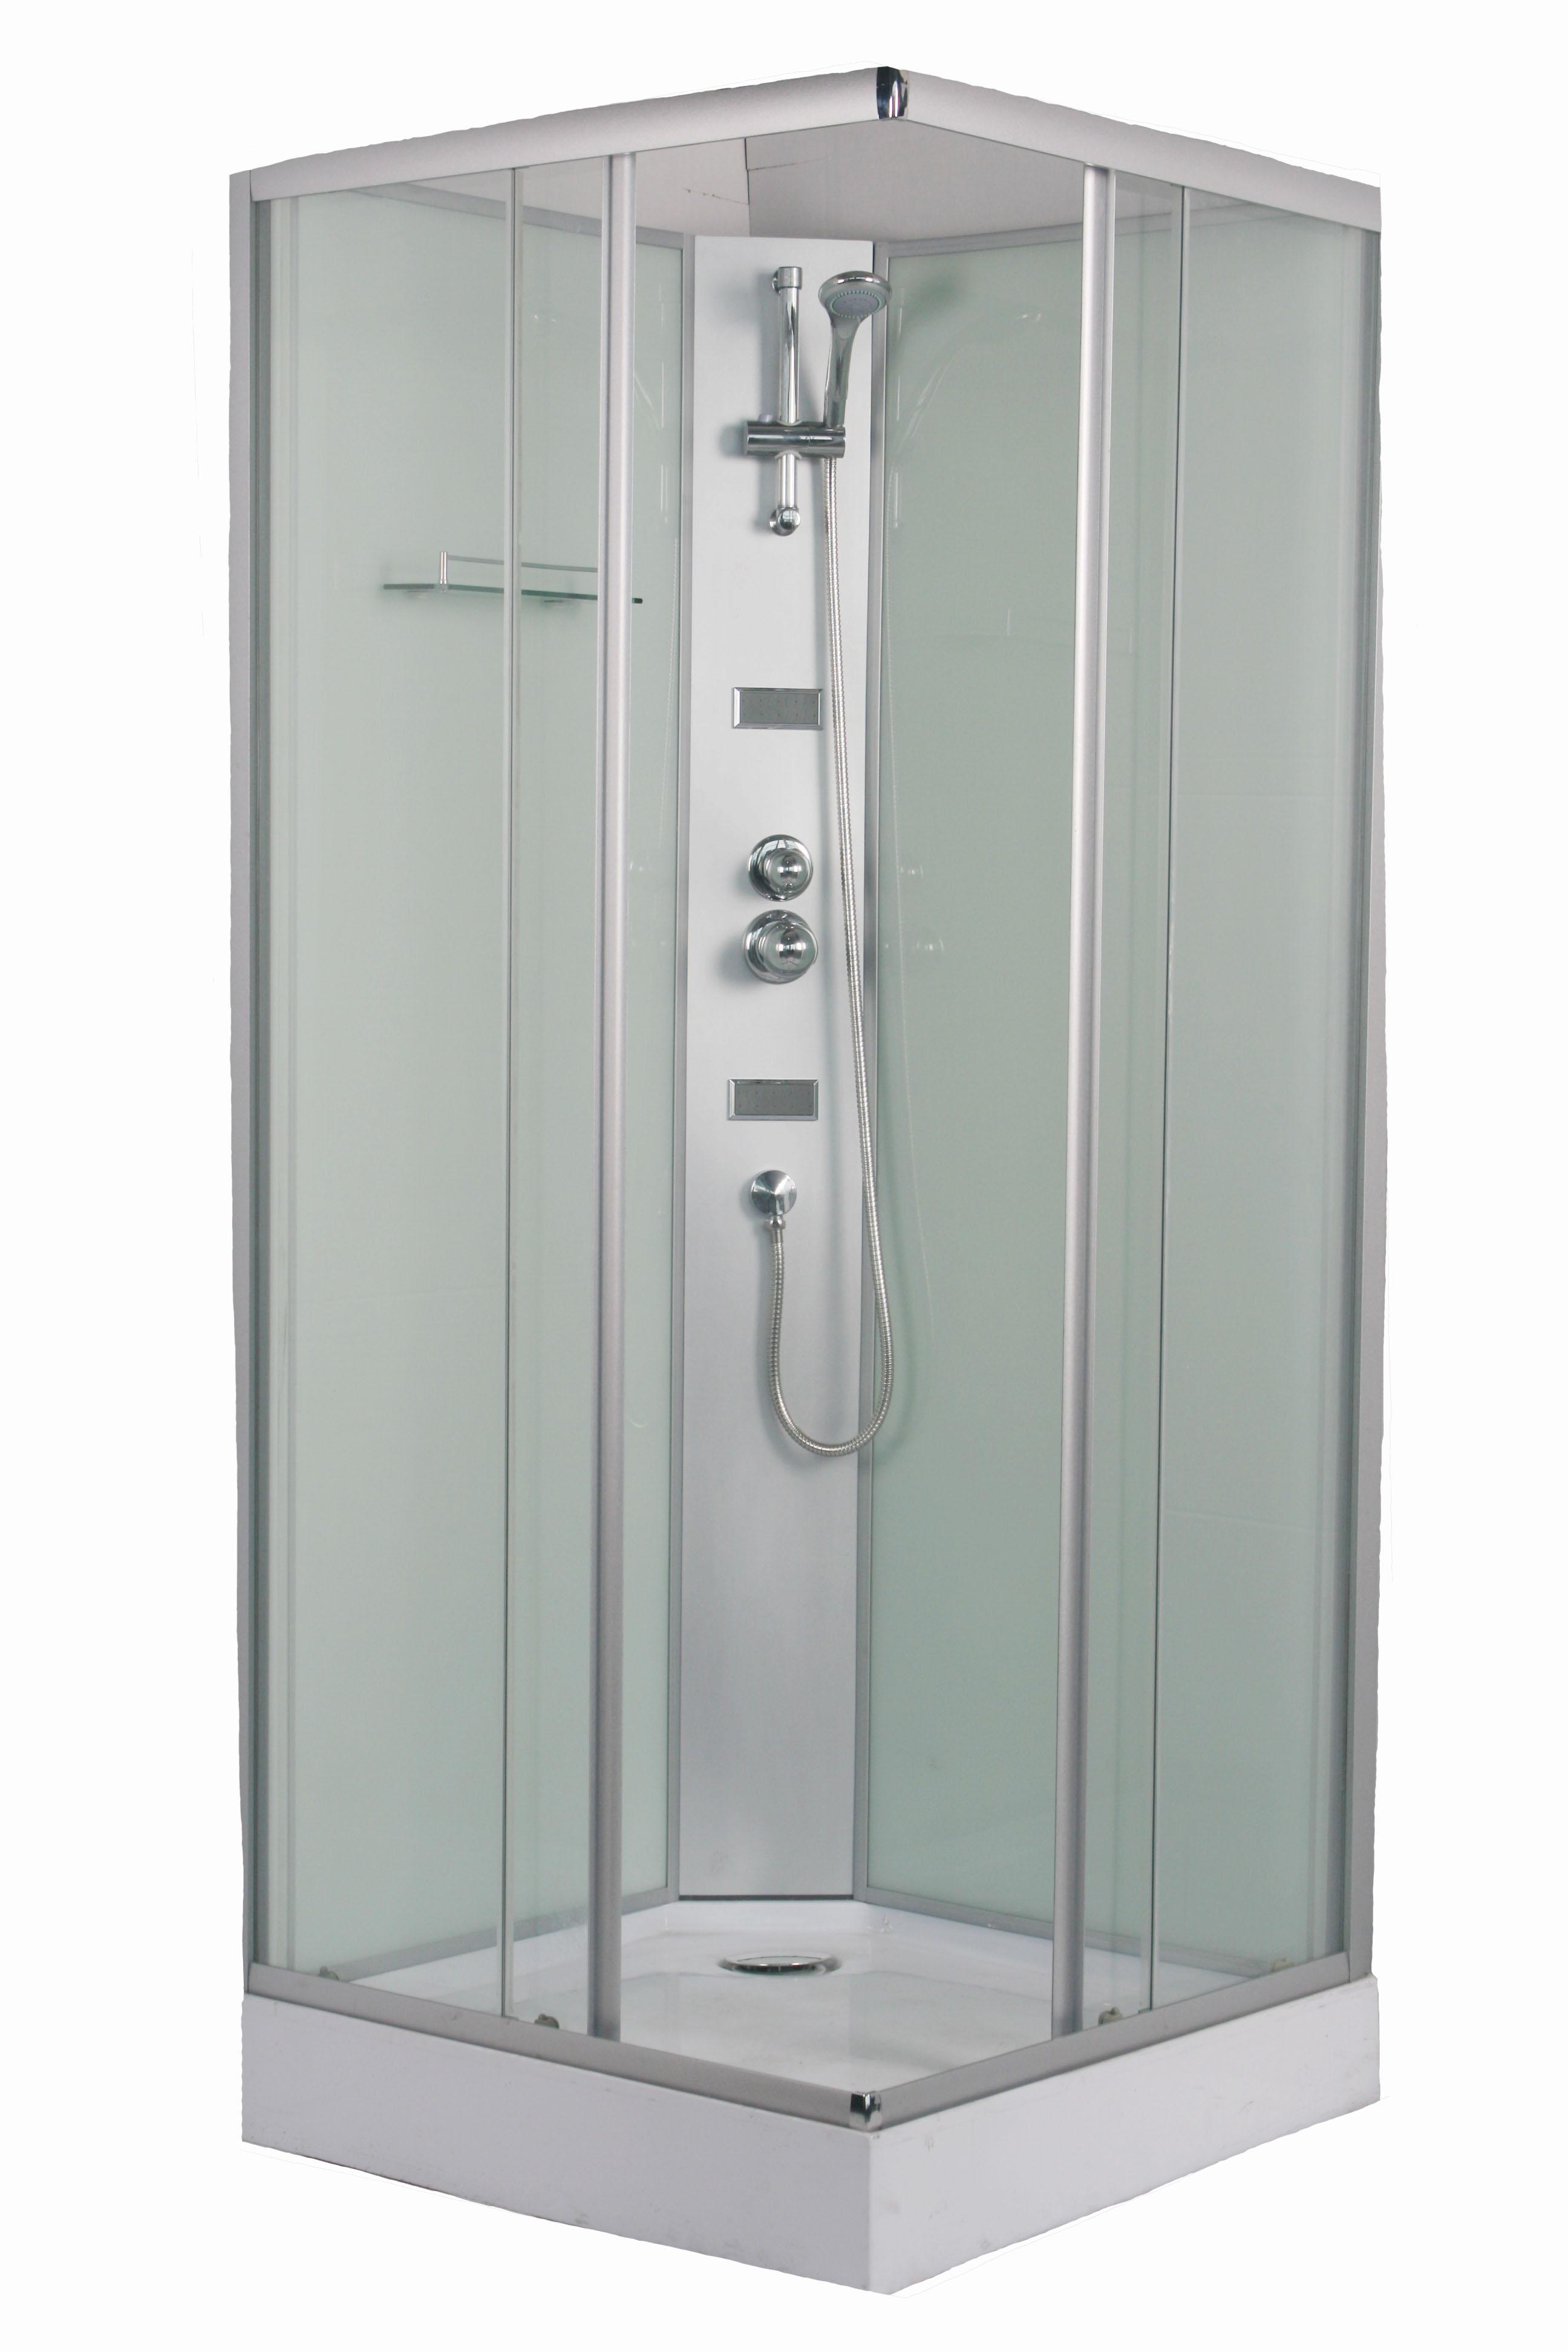 Cabinas hidromasaje cuadradas cosmos 80x80 for Instalacion cabina ducha